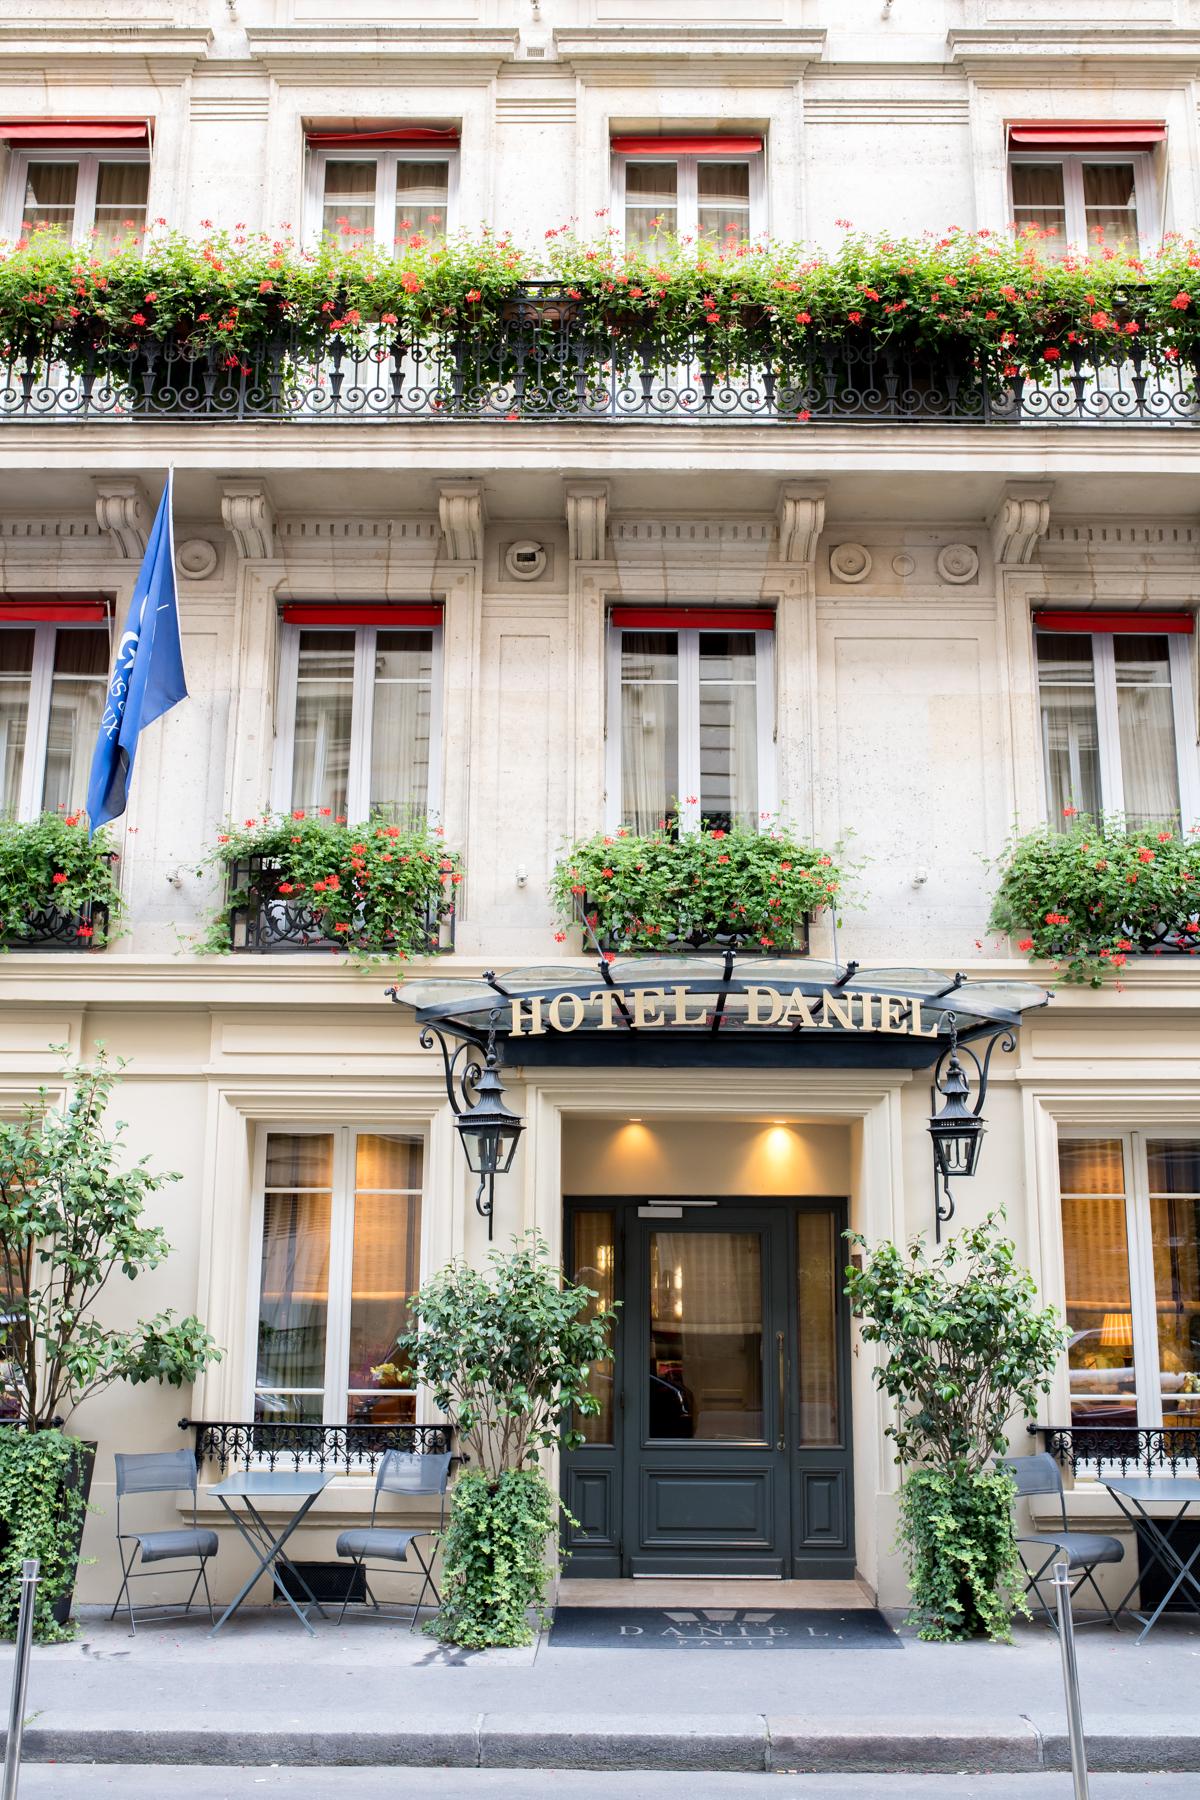 Stacie Flinner Hotel Daniel Relais Chateaux Paris-24.jpg